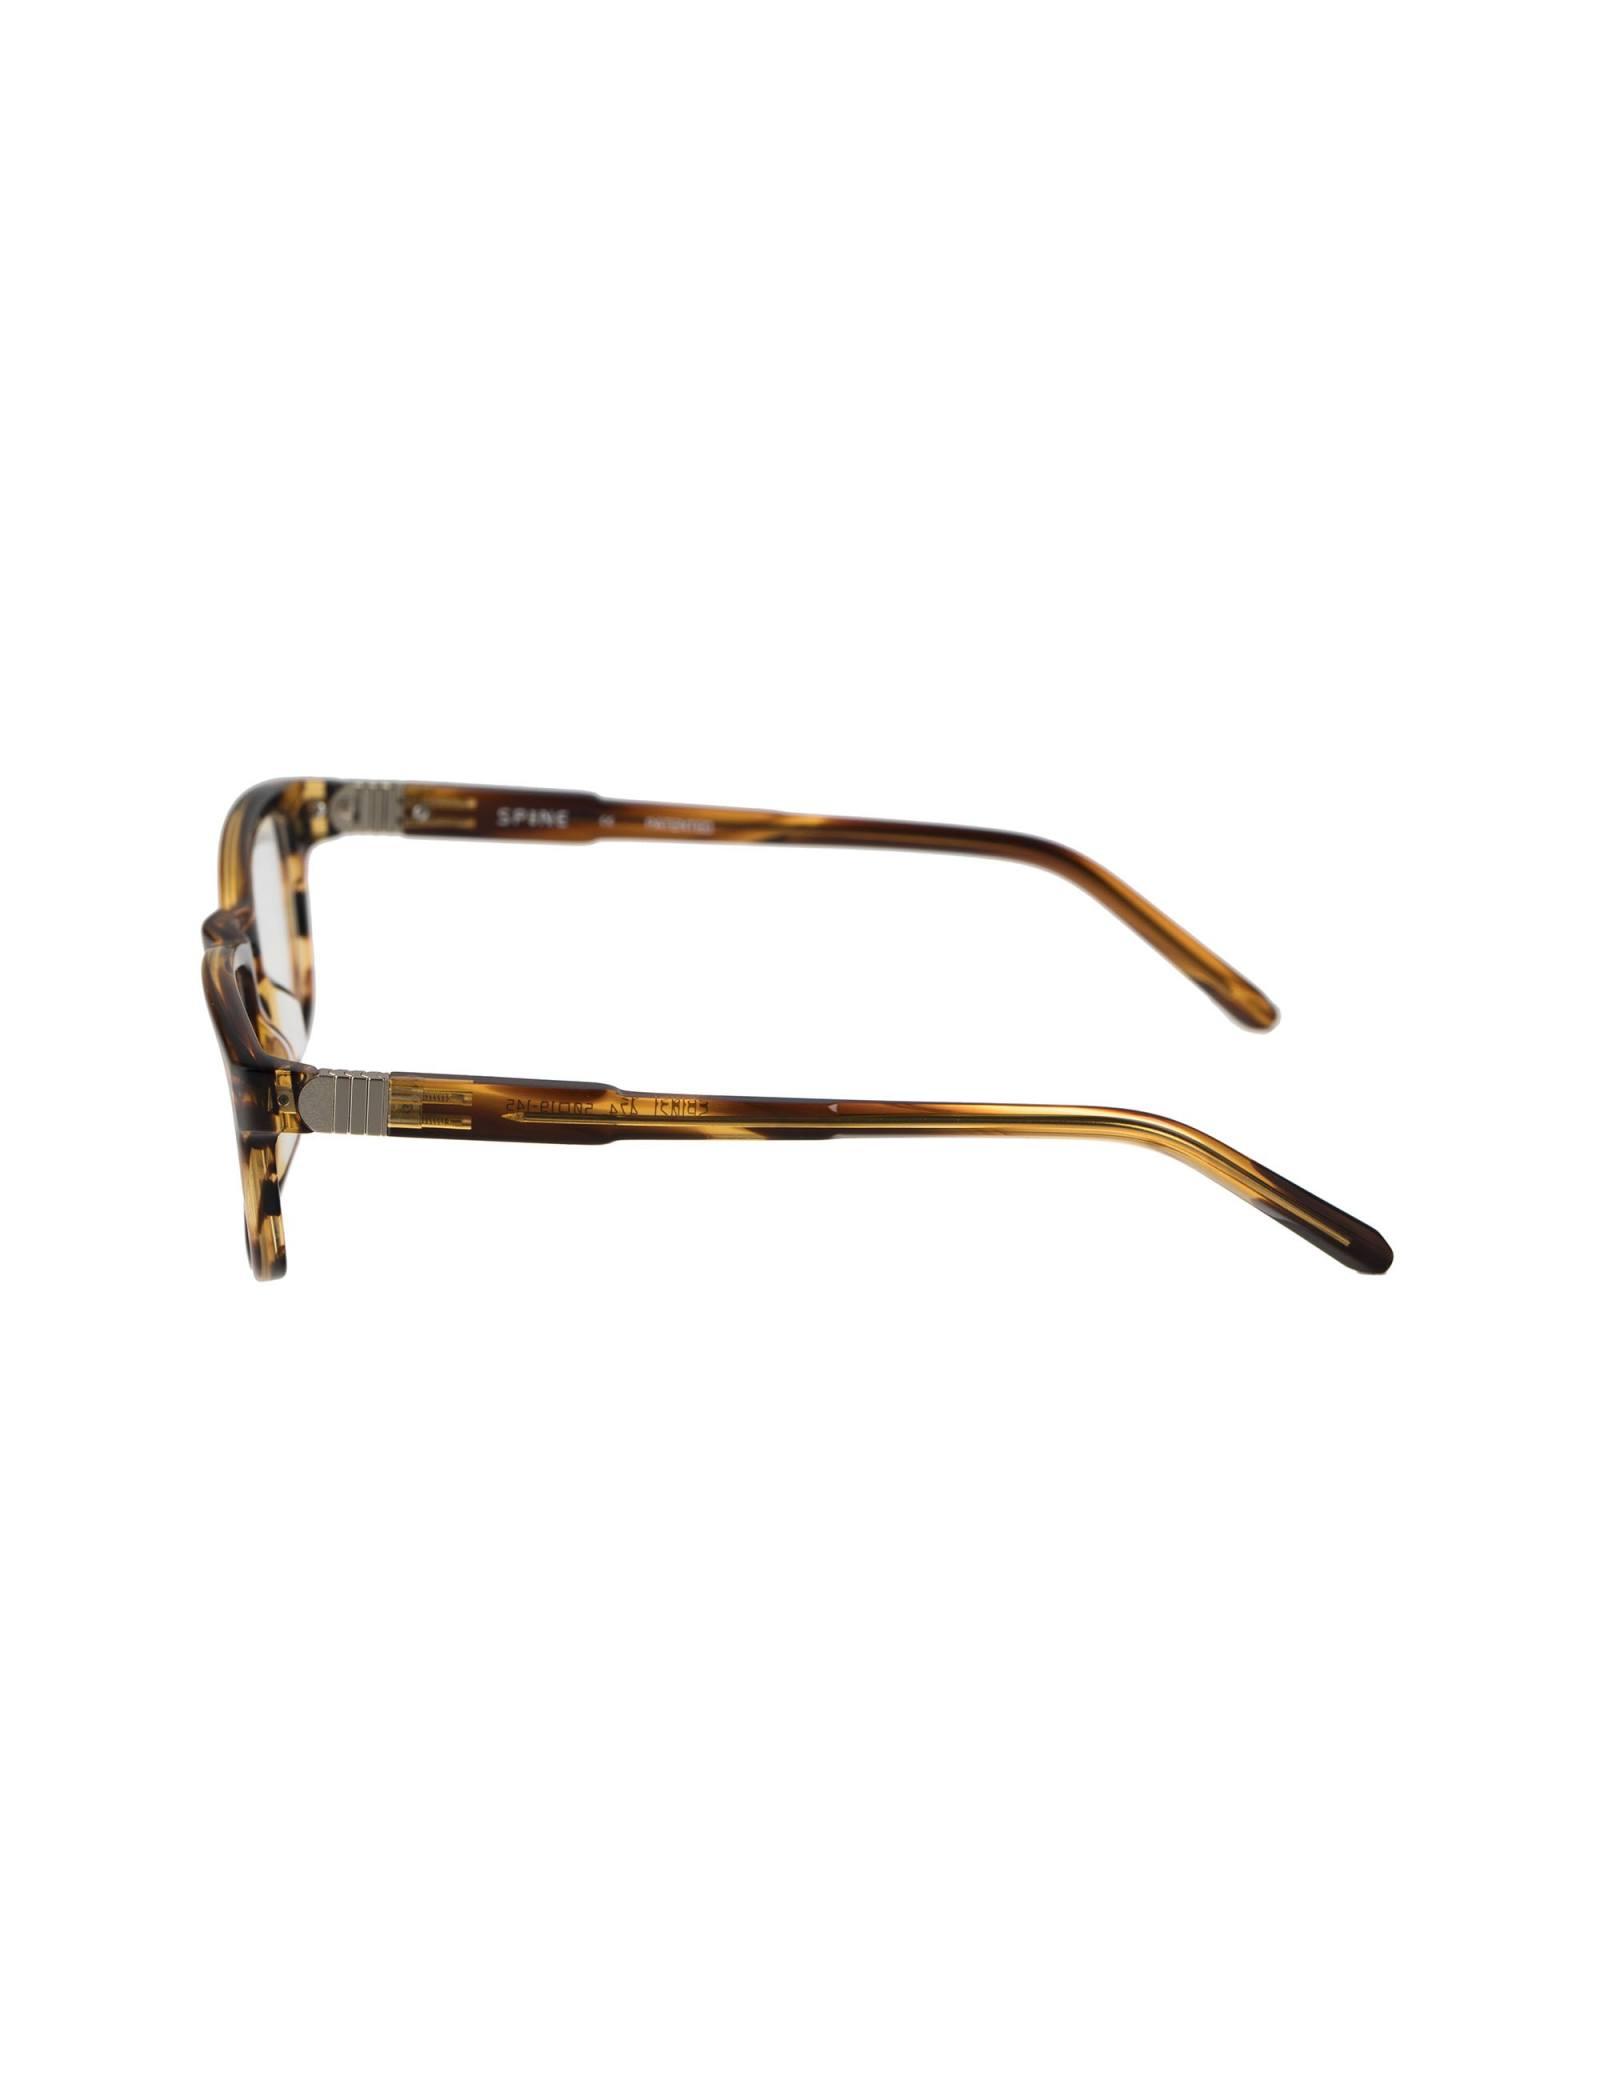 عینک طبی ویفرر زنانه - اسپاین - قهوه اي - 4